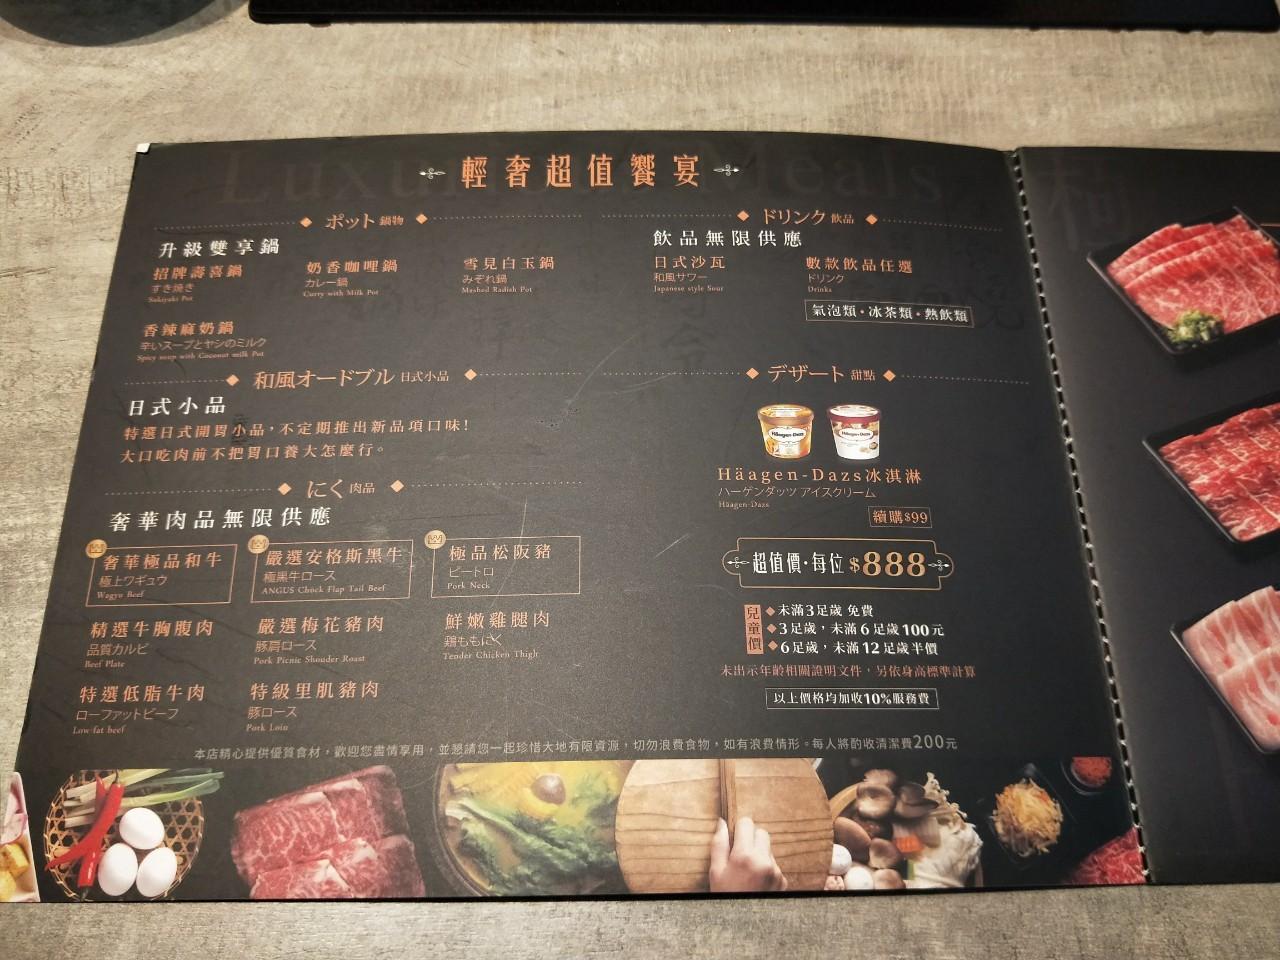 北澤壽喜燒專賣店,北澤壽喜燒台中大里店,和牛吃到飽,大里德芳南路美食,日式壽喜燒,sukiyaki